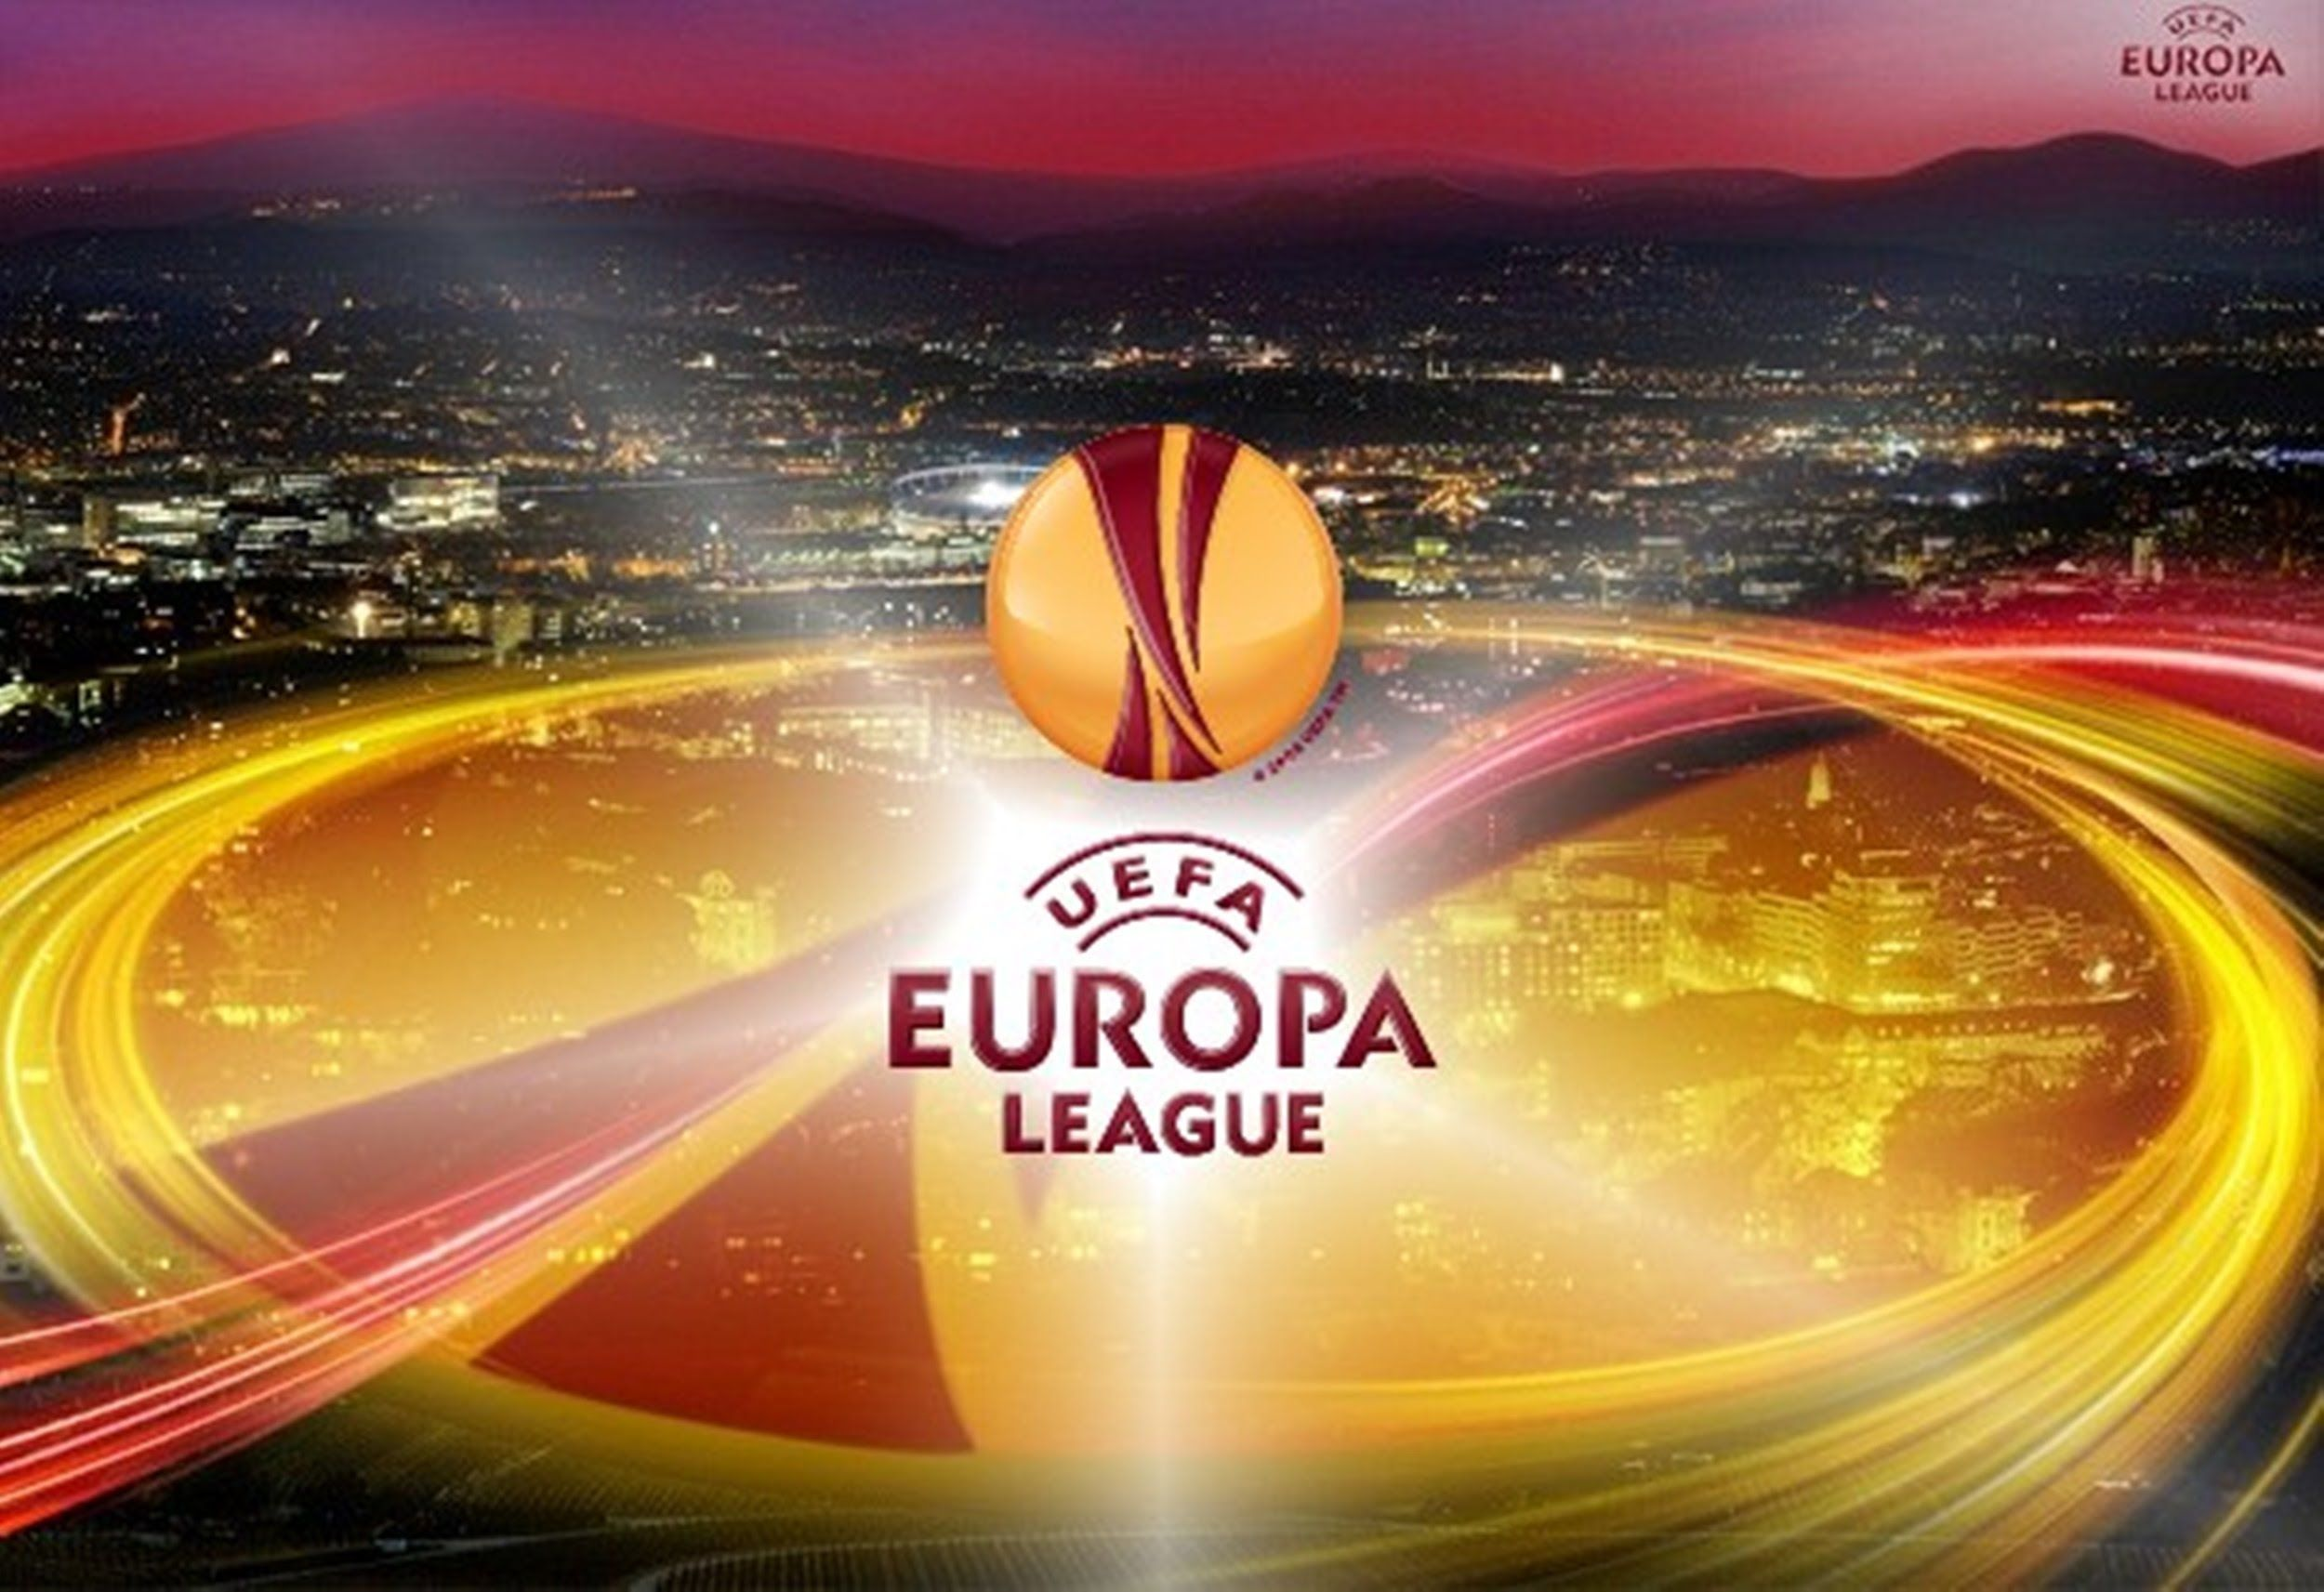 6332 - ¿Cuánto sabes de la UEFA Europa League?